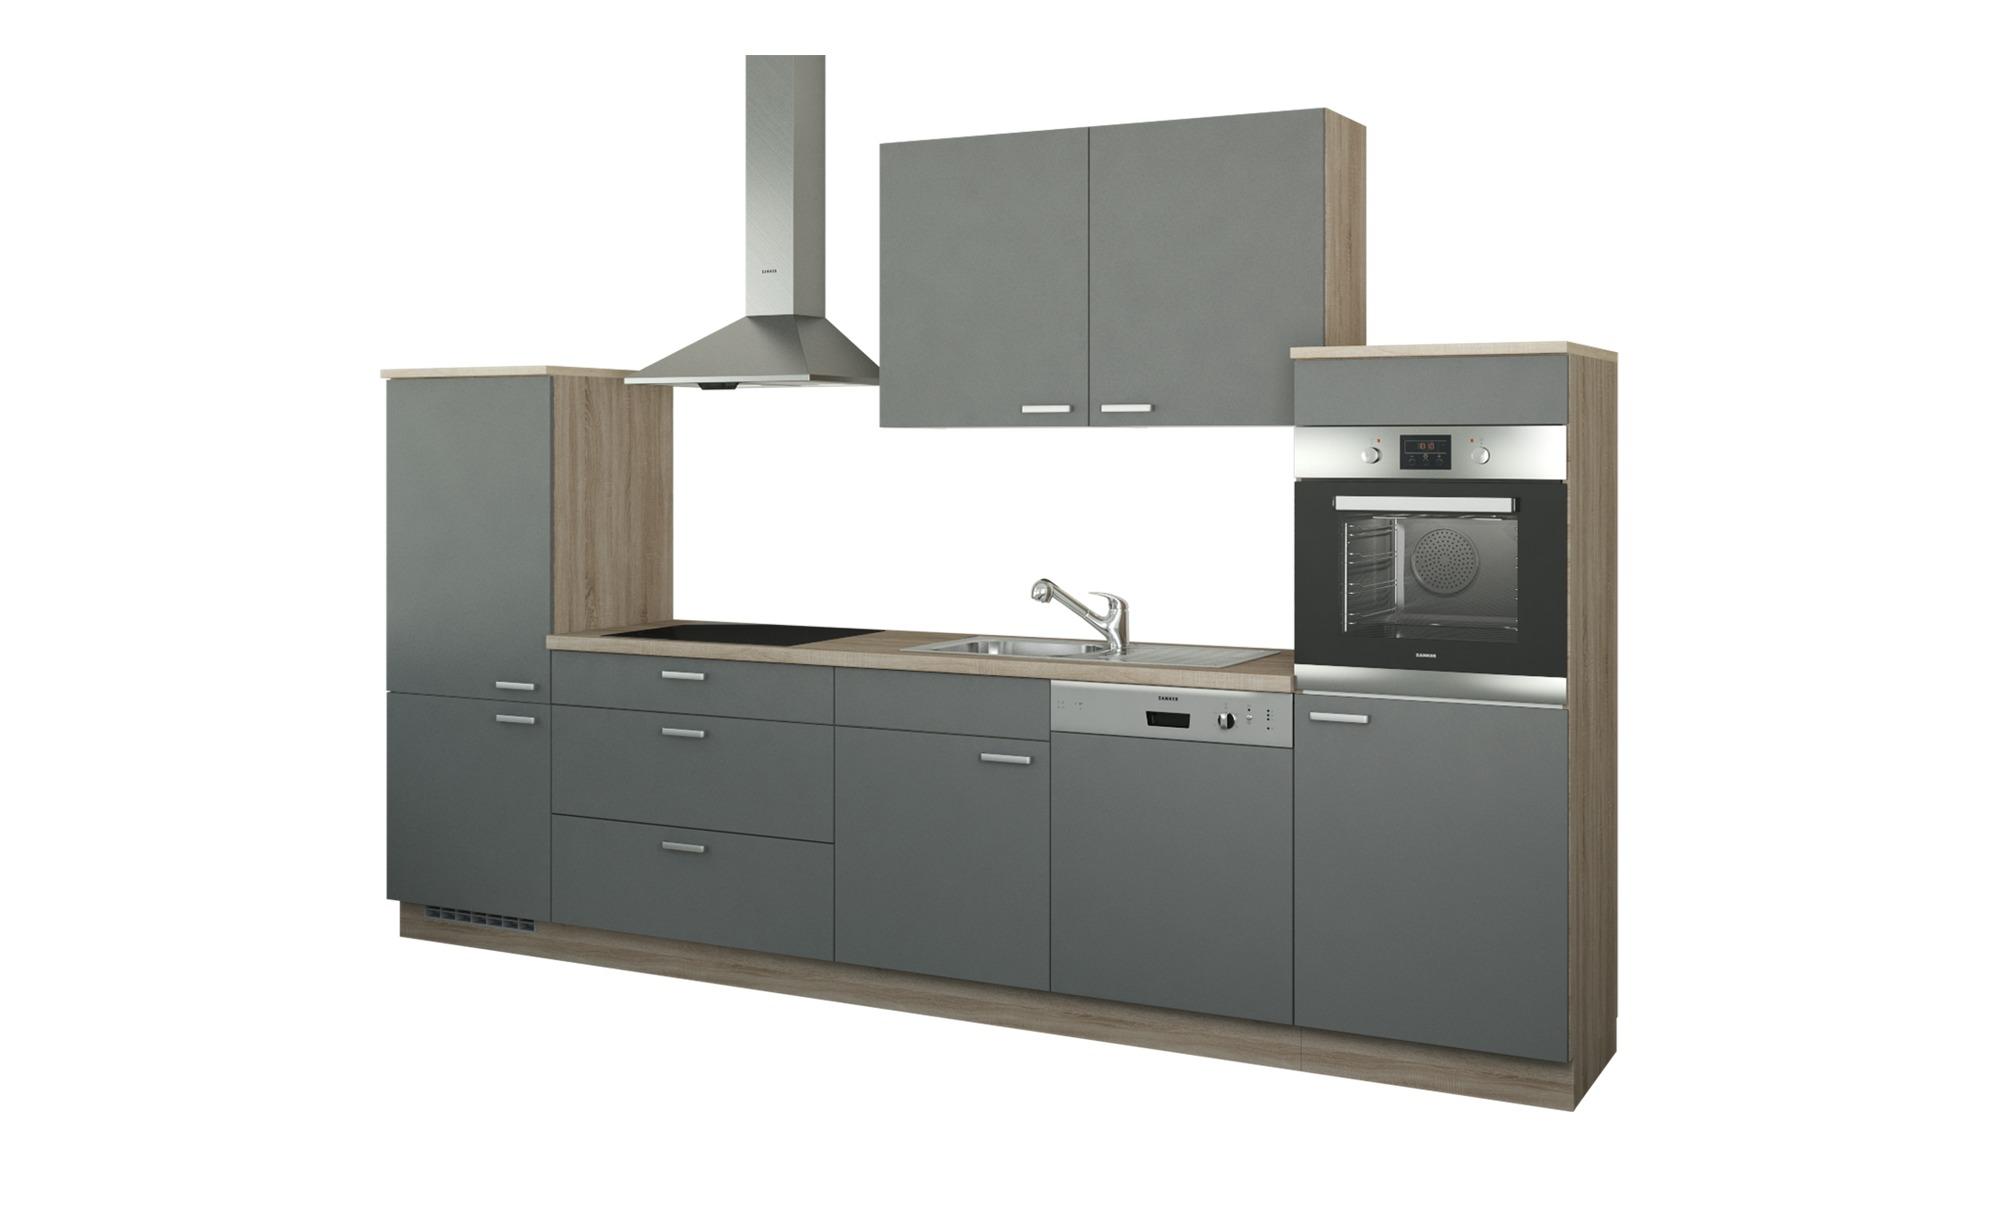 Küchenzeile ohne Elektrogeräte  Neuss ¦ Maße (cm): B: 330 Küchen > Küchenblöcke ohne E-Geräte - Höffner